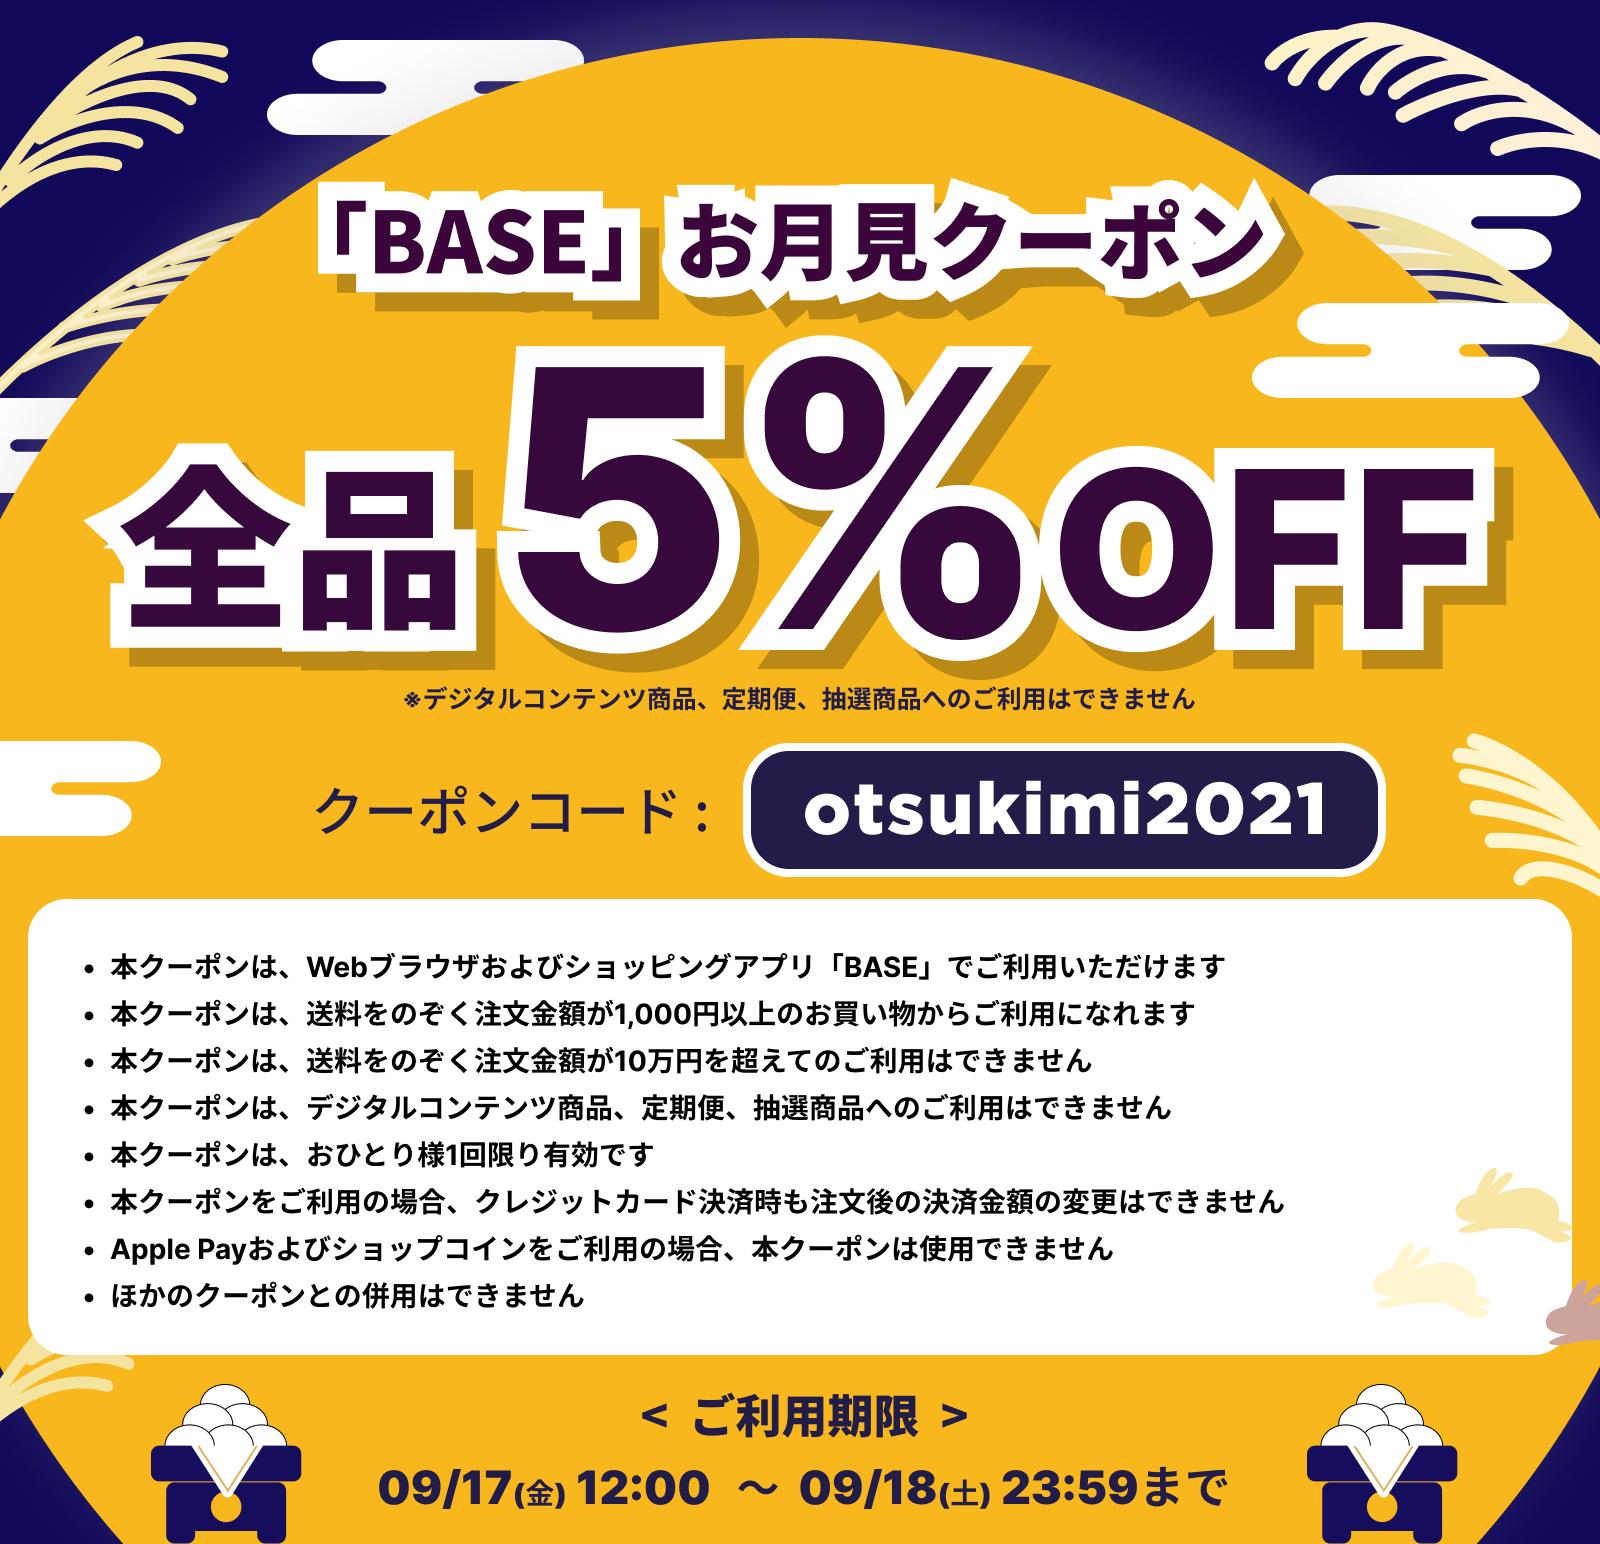 【9/17, 18に利用できるBASE負担クーポン配布中!】